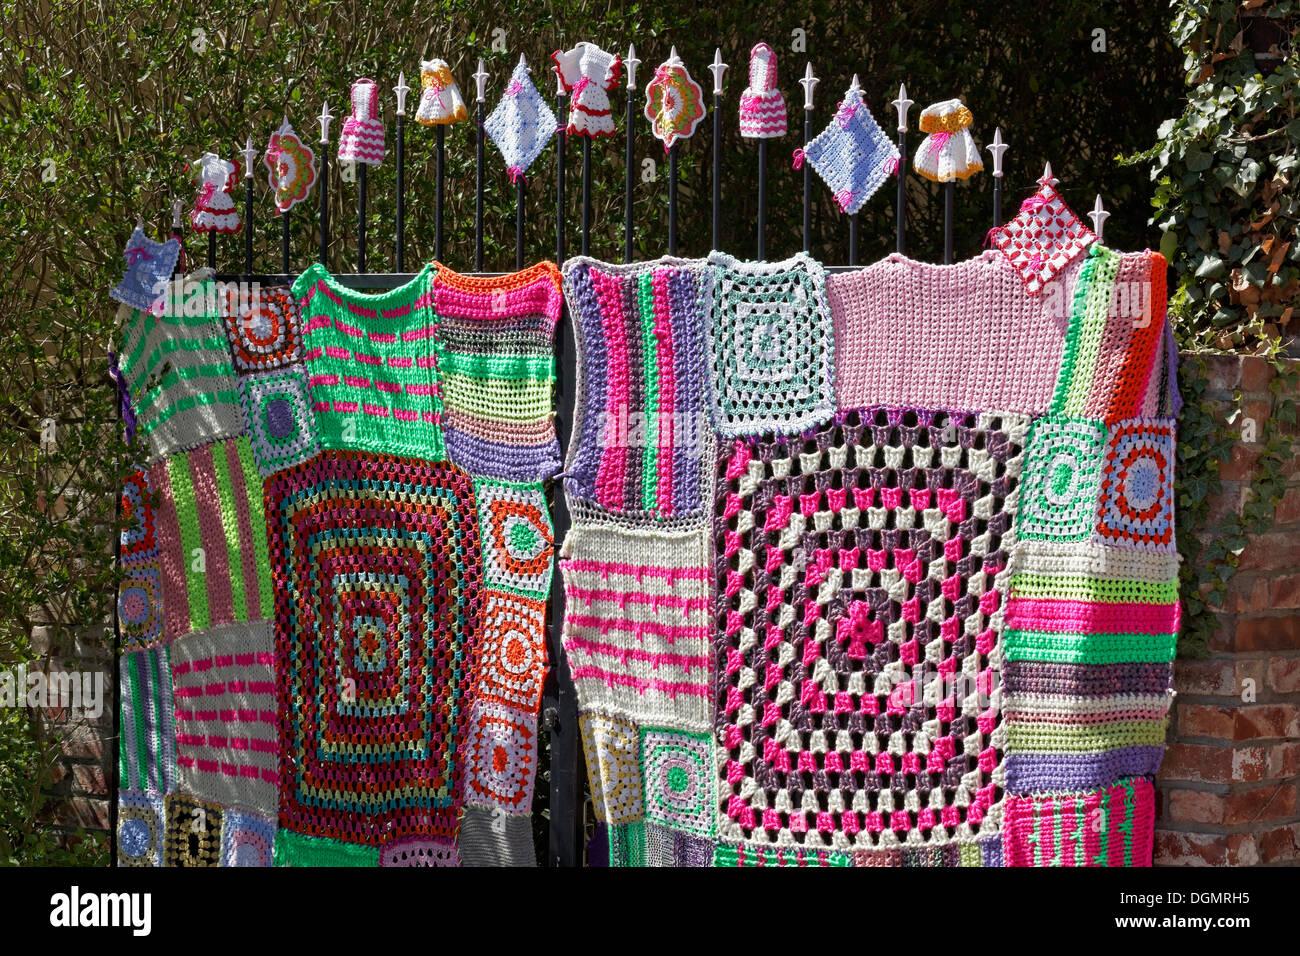 Knitted iron gate with Granny Square pattern, guerrilla knitting, knit art, graffiti knitting, street art, Düsseldorf - Stock Image